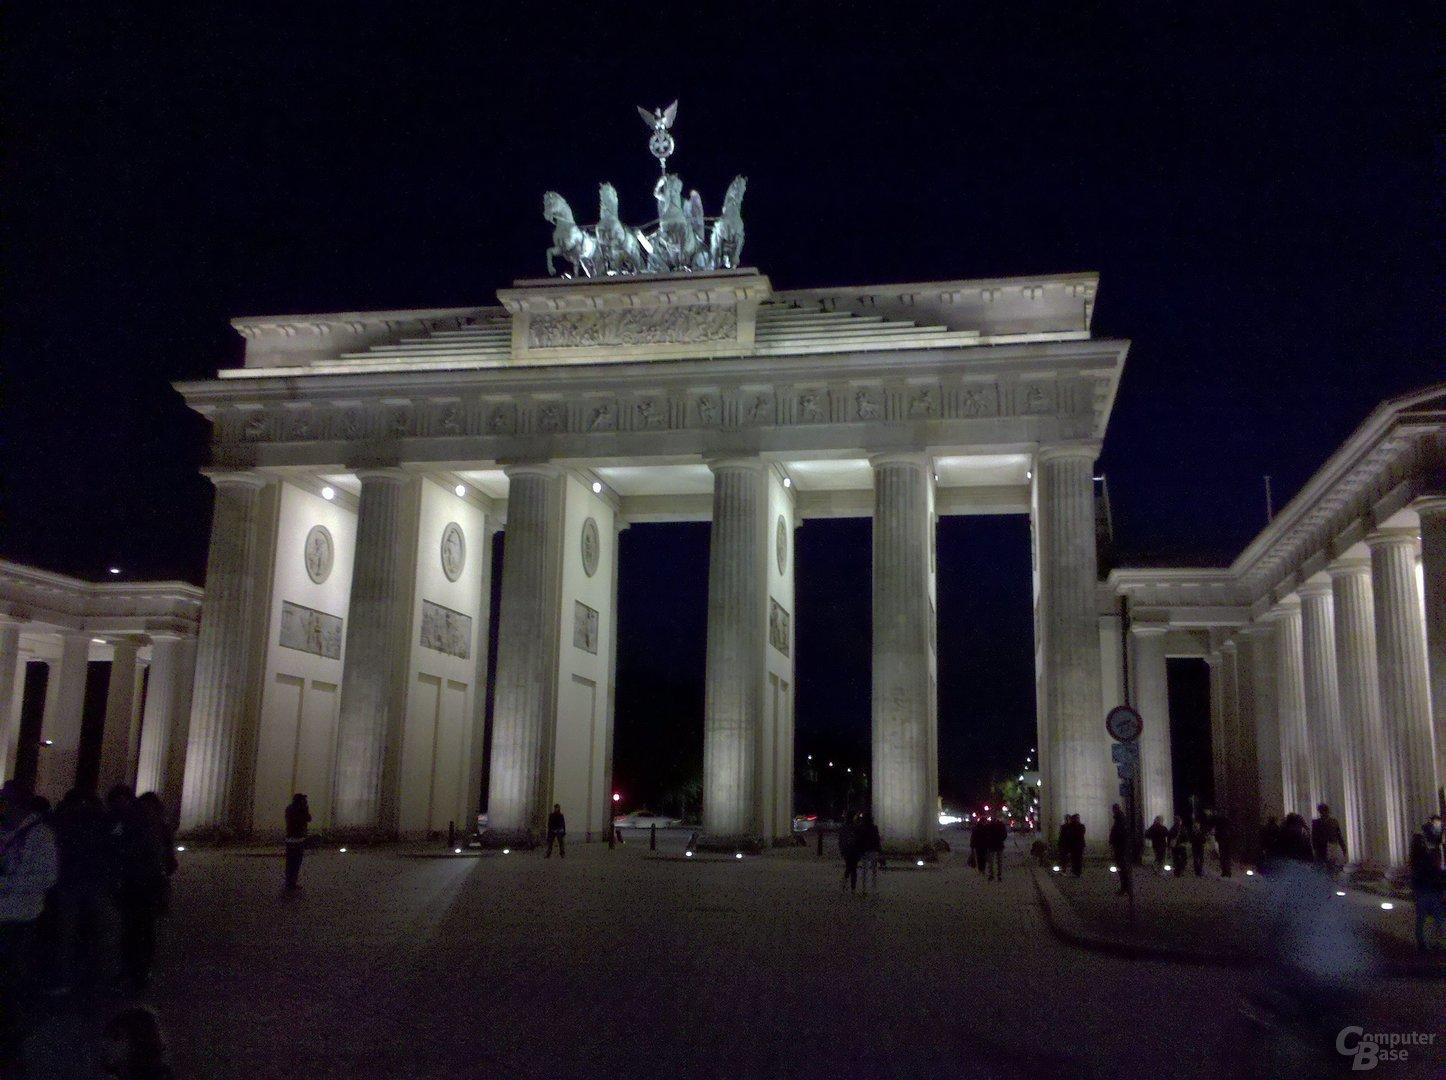 Aufnahme des Brandenburger Tors